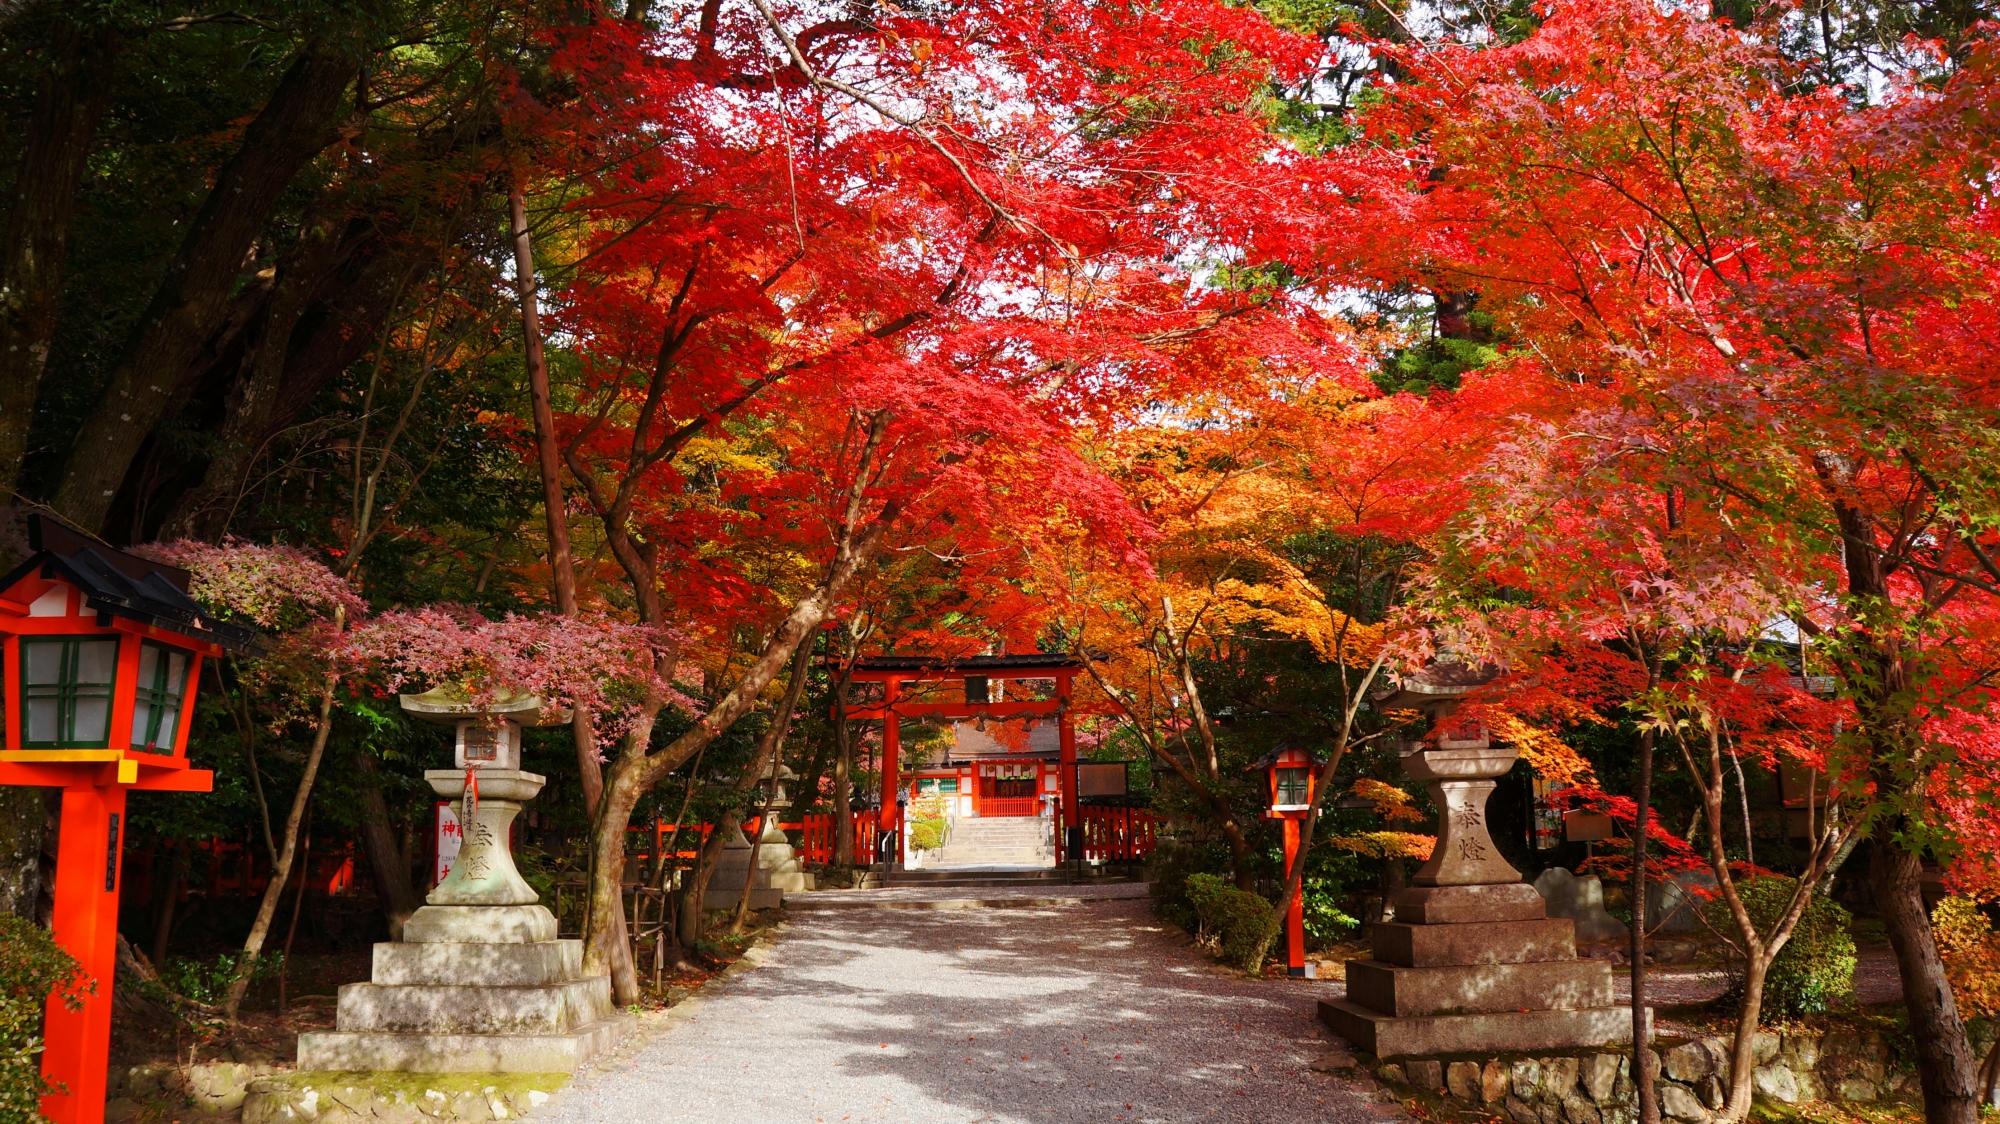 誰もいない大原野神社の素晴らしい紅葉